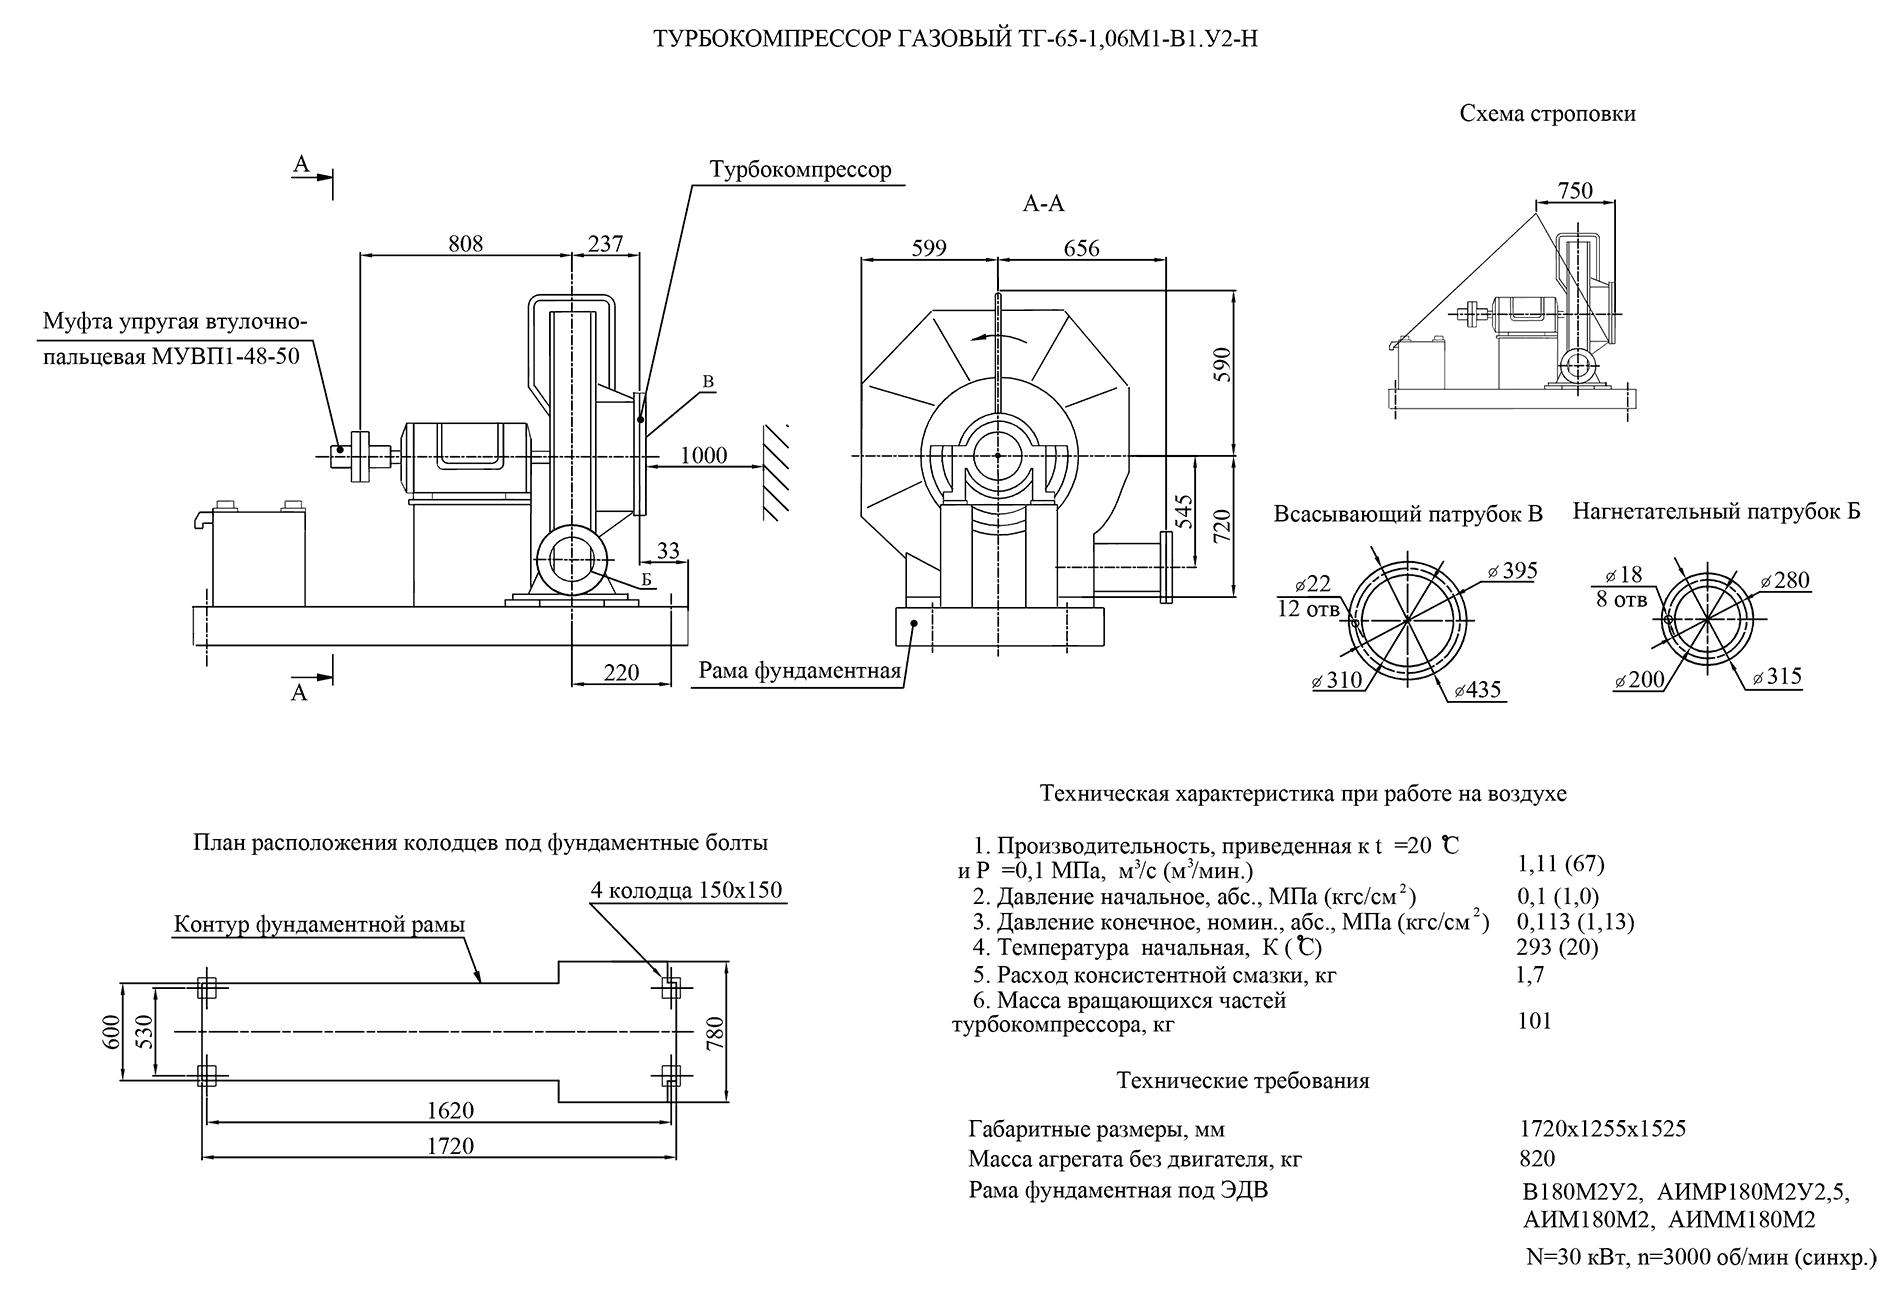 Турбокомпрессор одноступенчатый газовый ТГ-65-1,06М1-В1